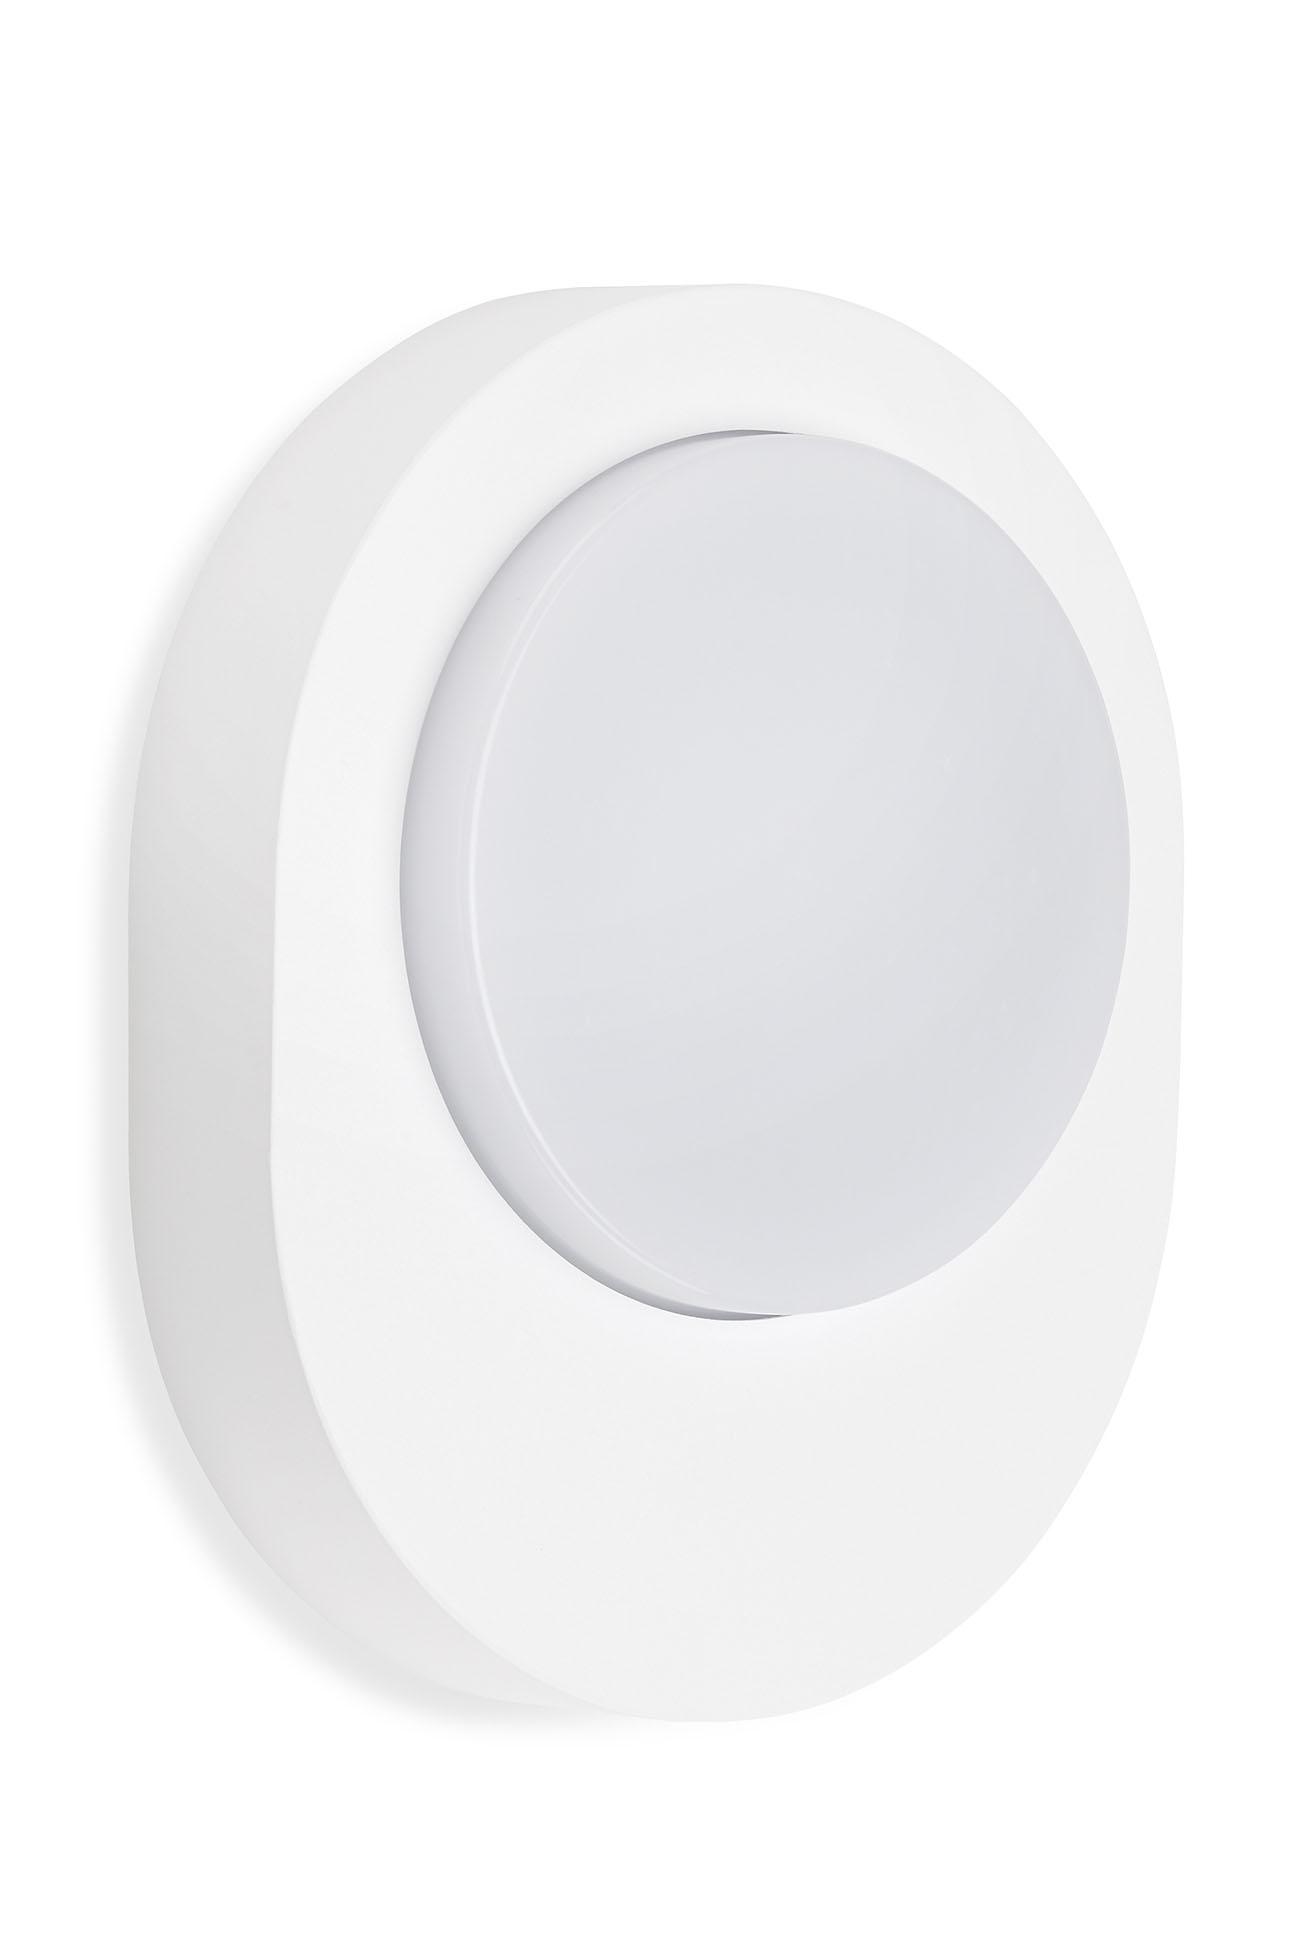 TELEFUNKEN LED Aussenwandleuchte, 20 cm, 8 W, Weiss